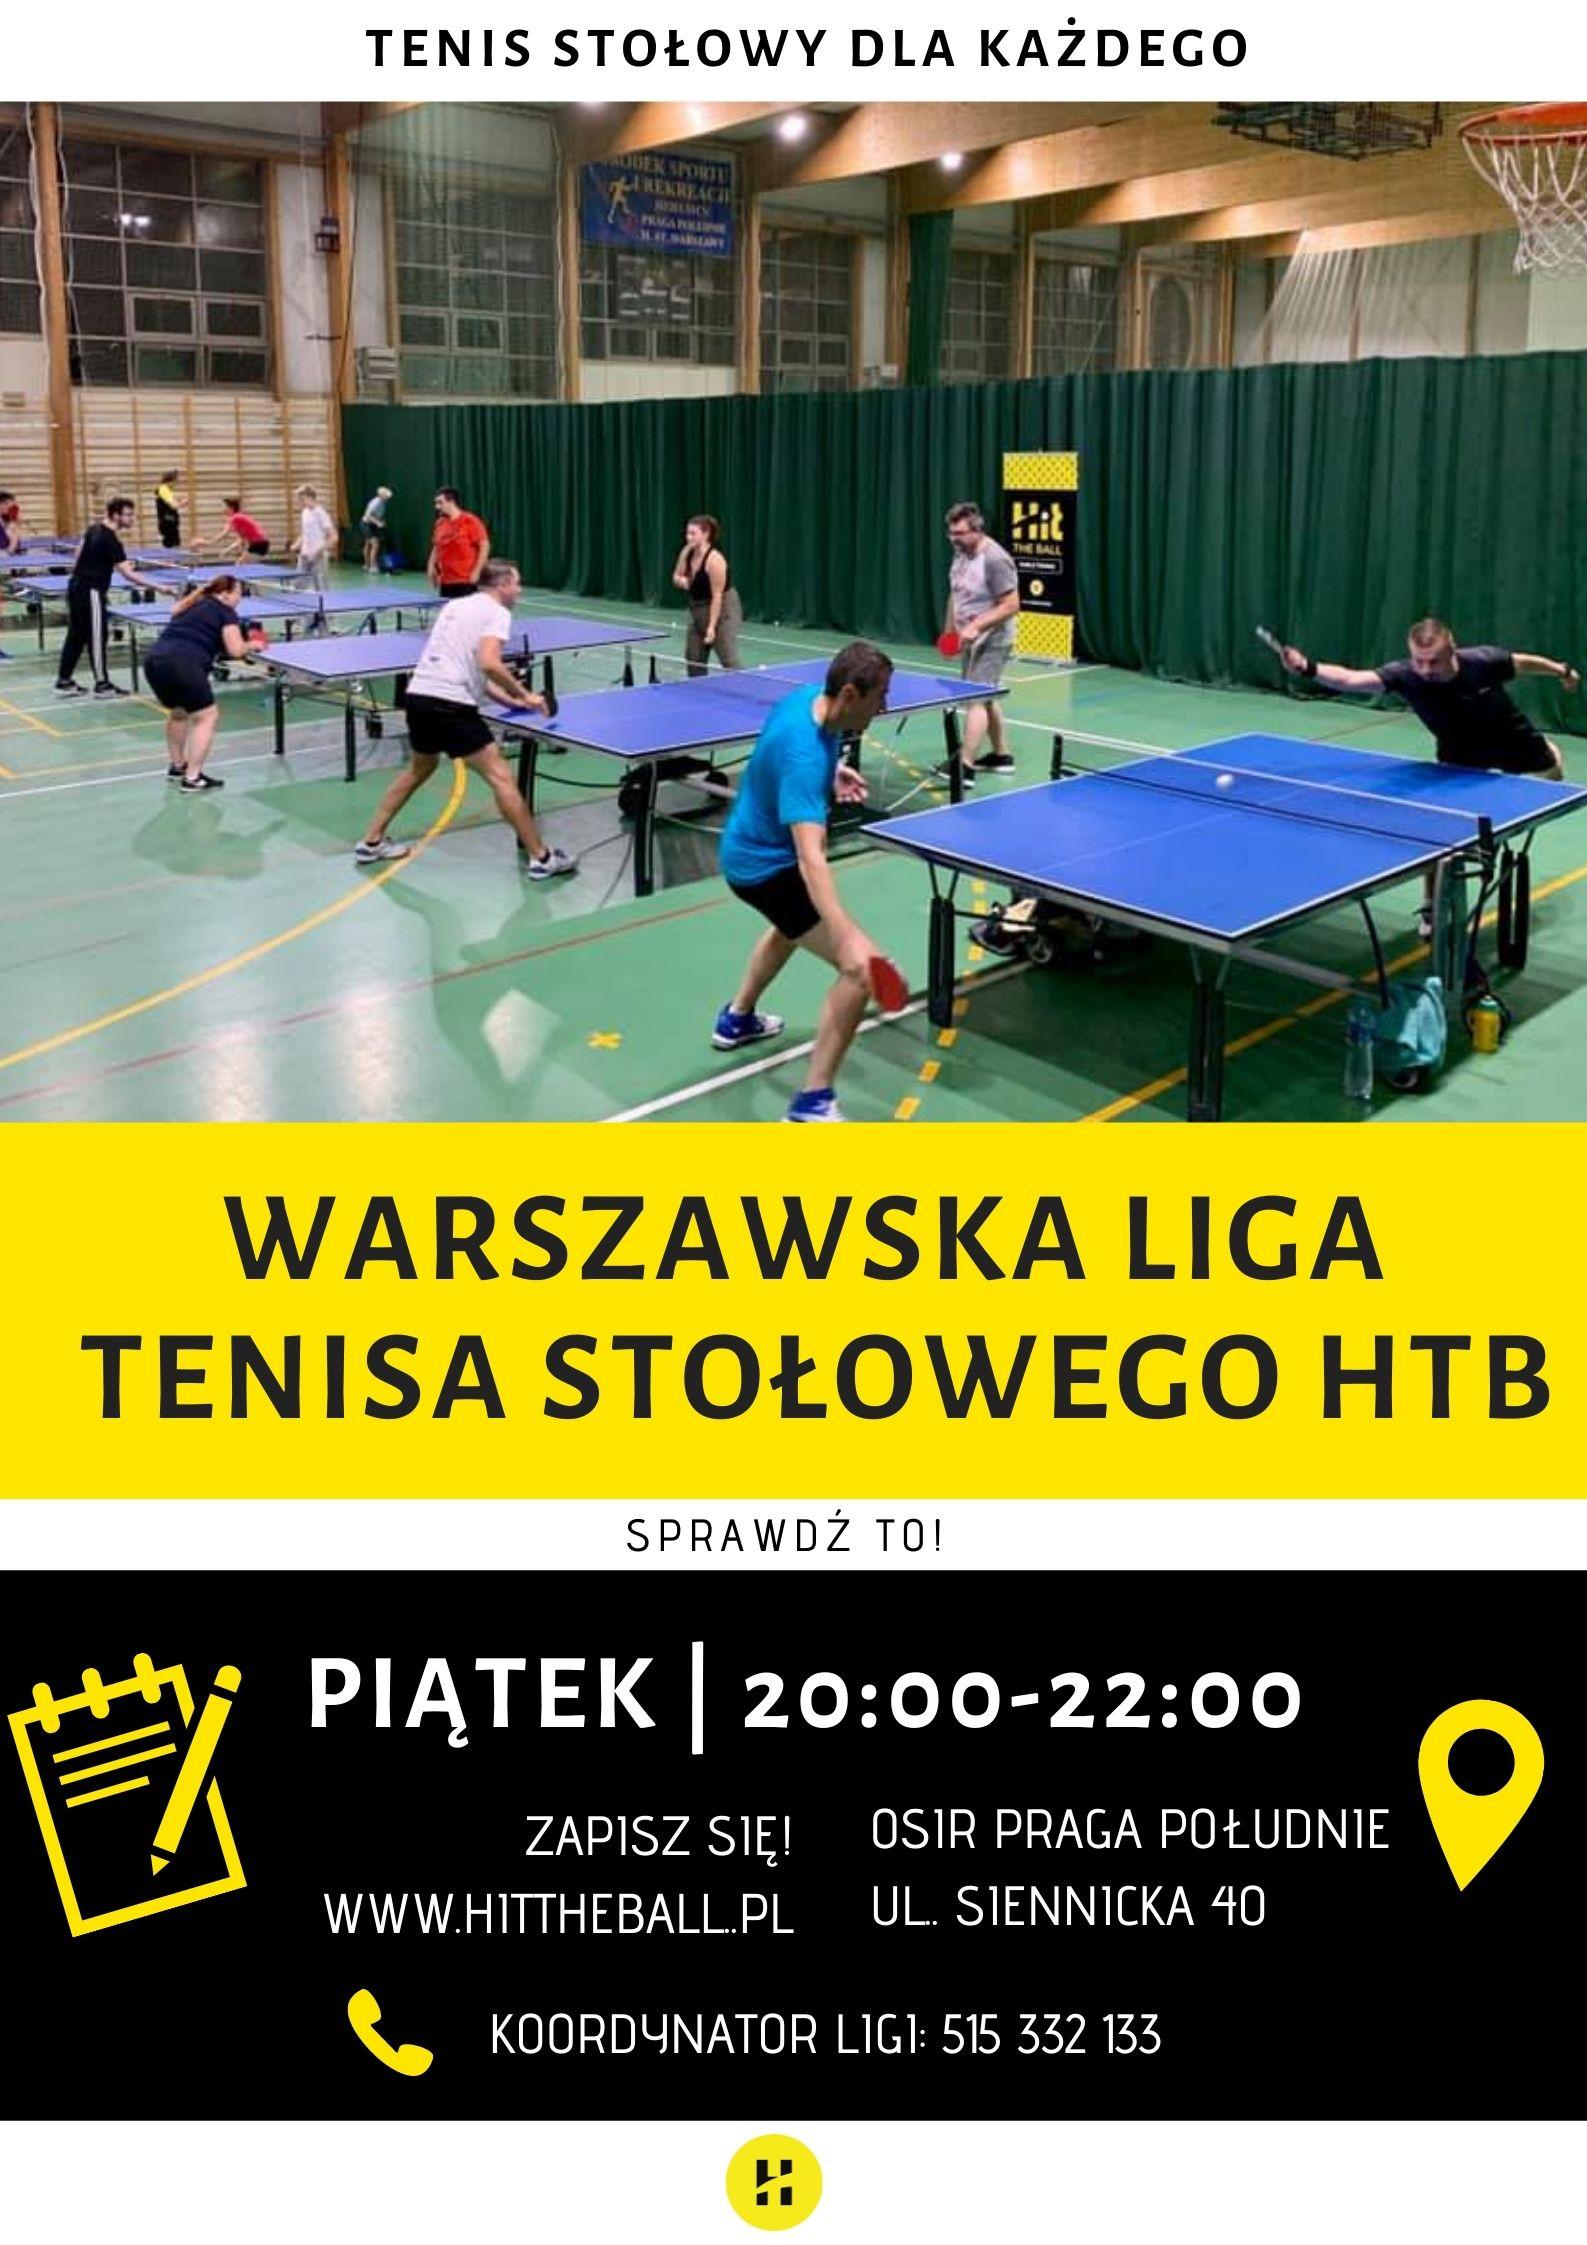 Plakat turnieju Warszawa Liga Tenisa Stołowego 2020 - 10  termin